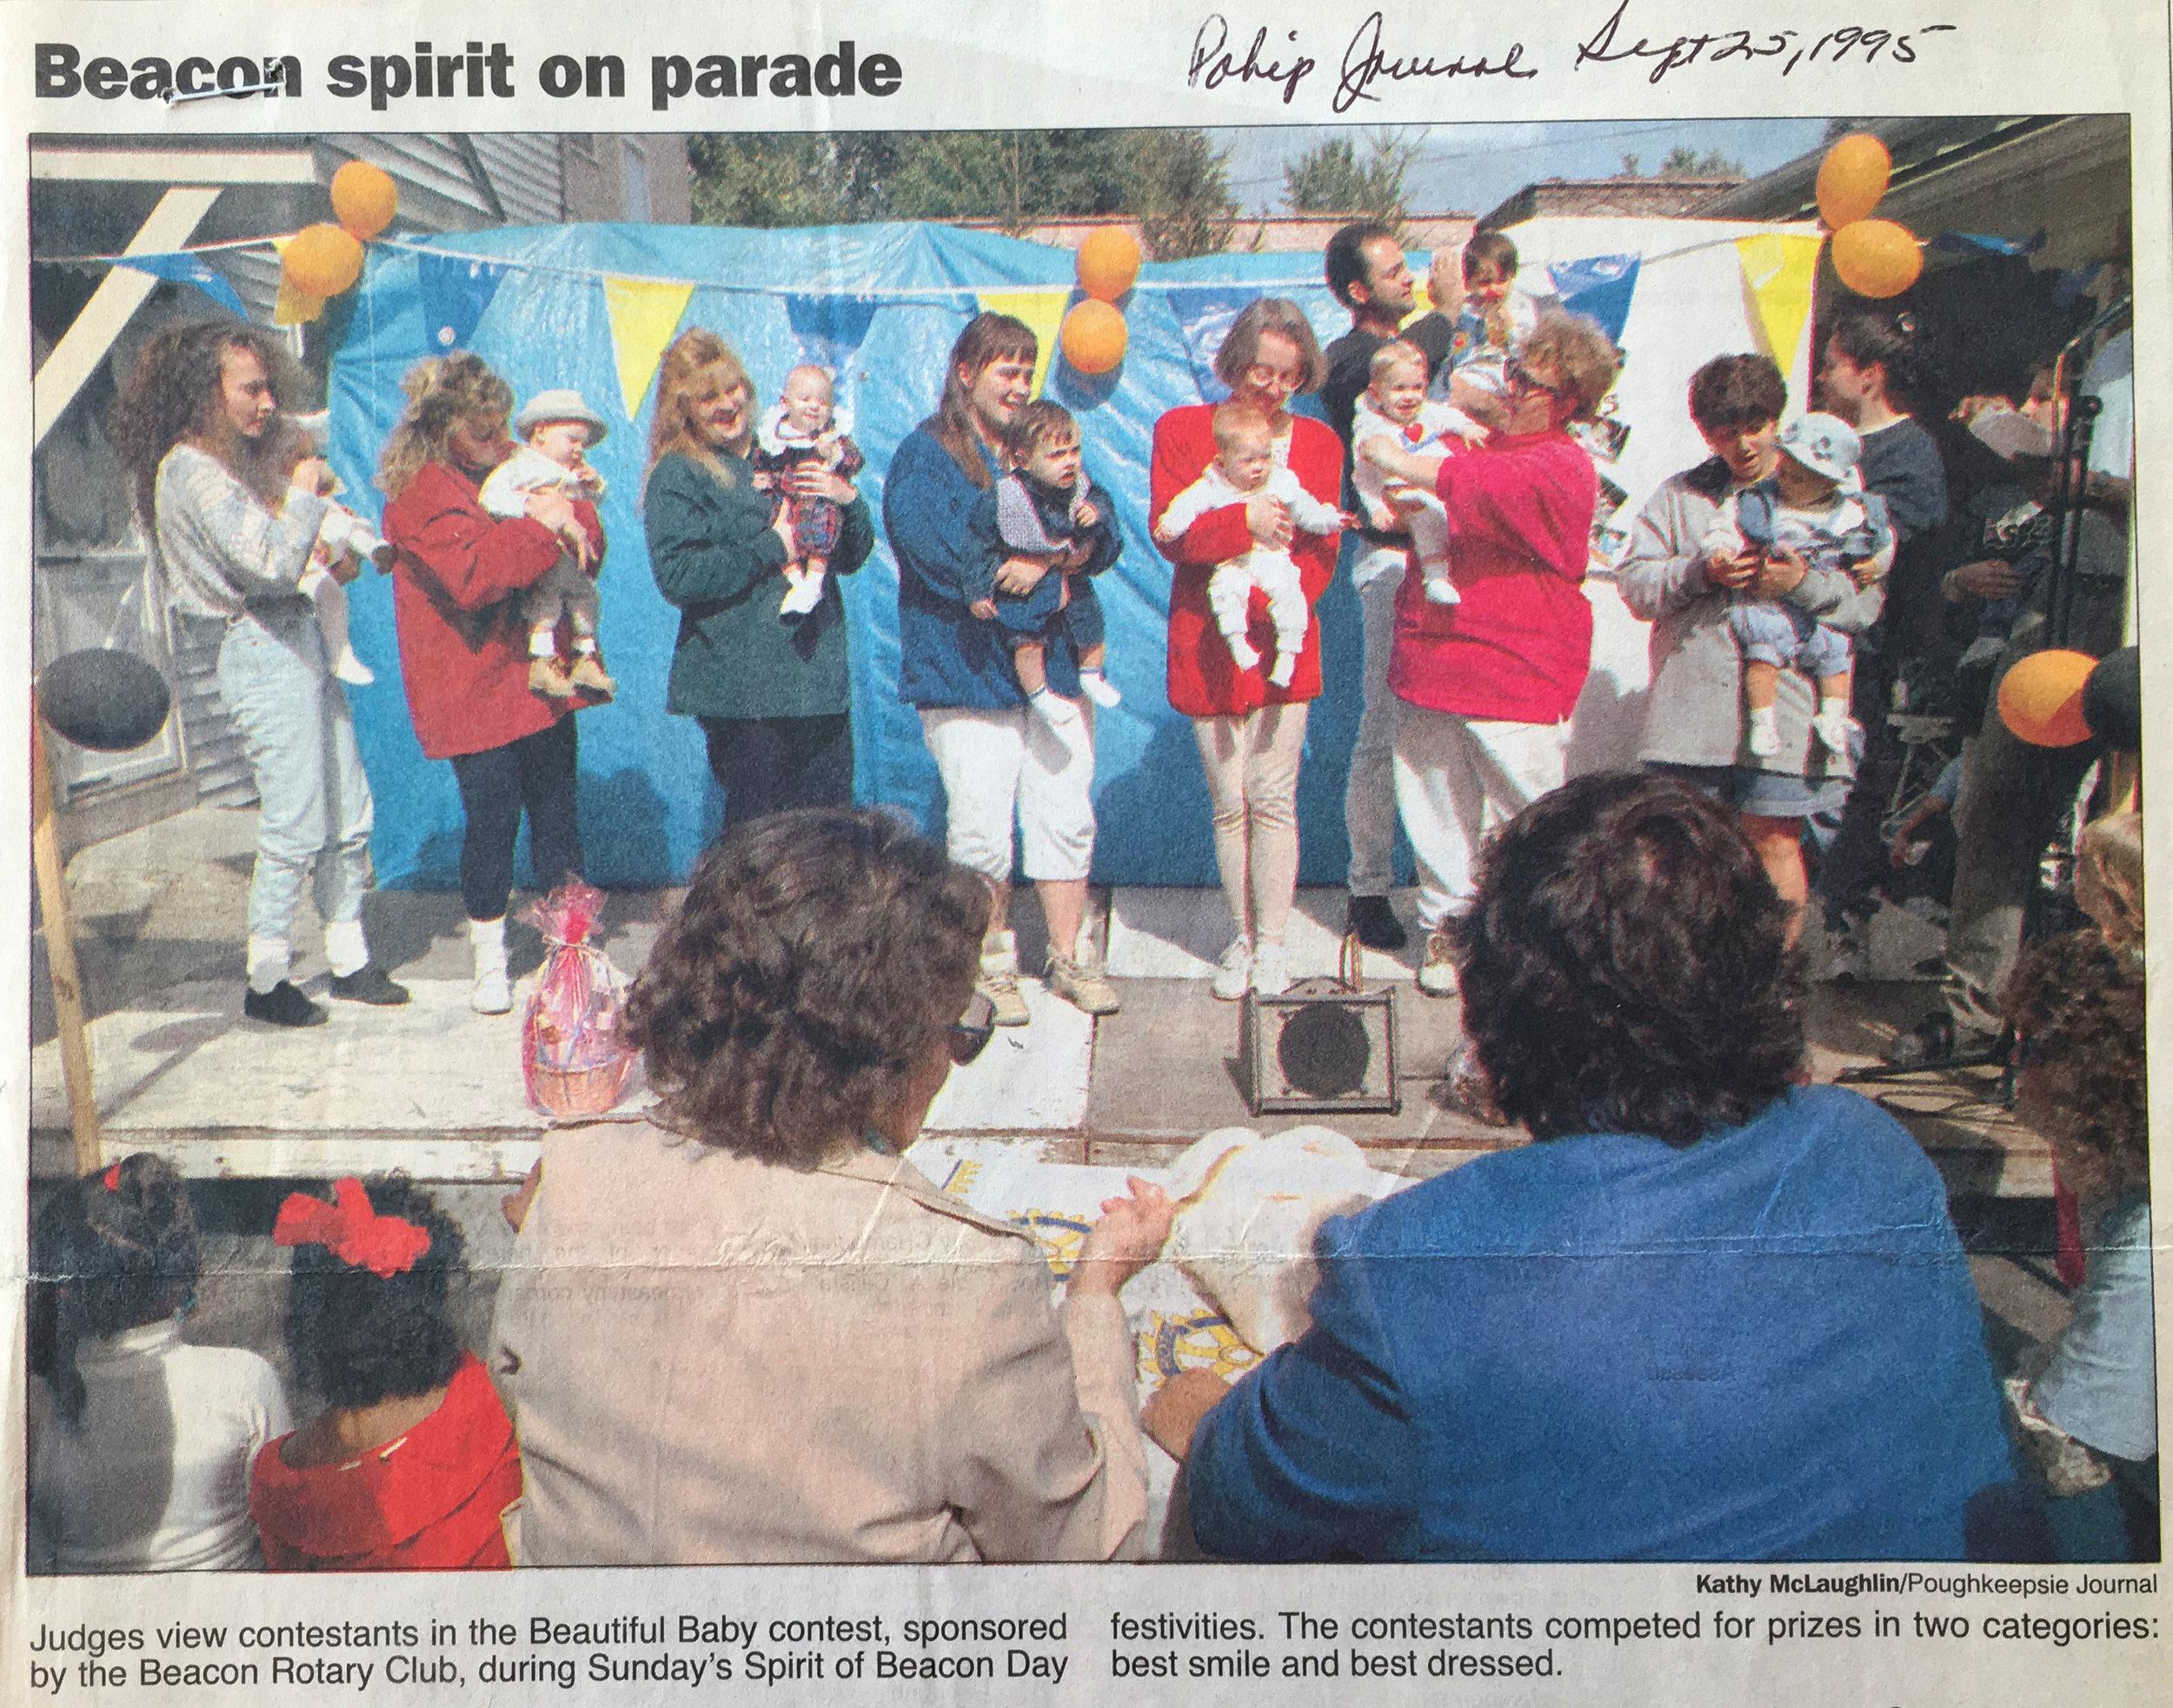 Spirit of Beacon Day 1995, courtesy Beacon Historical Society/ Poughkeepsie Journal